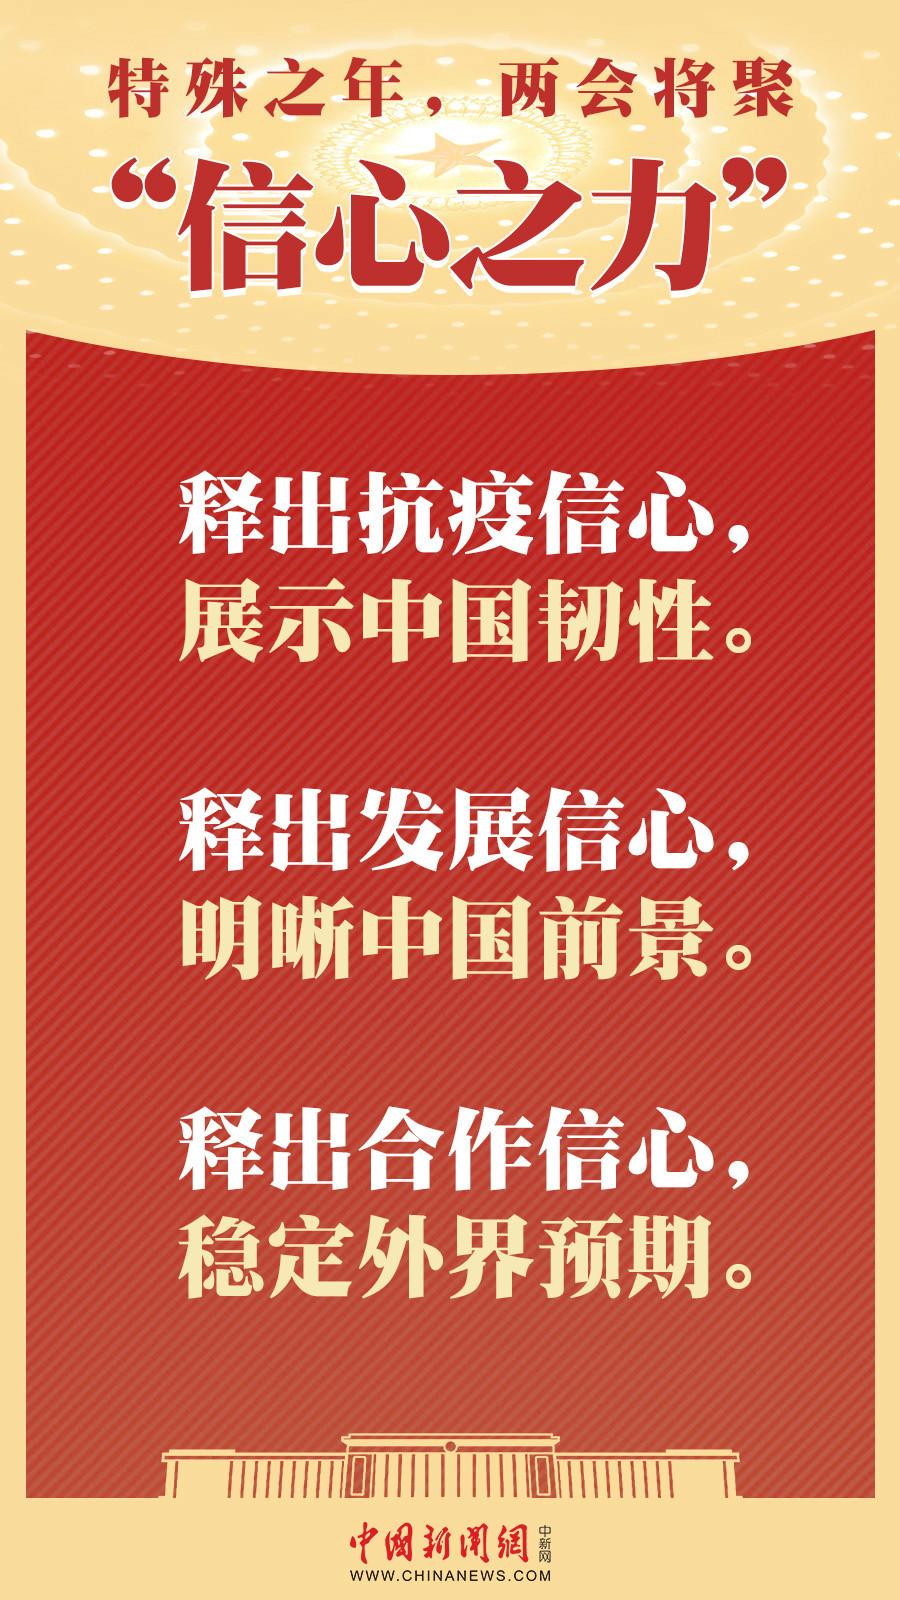 「杏悦」两会前瞻特殊杏悦之年两会将聚信心之力图片